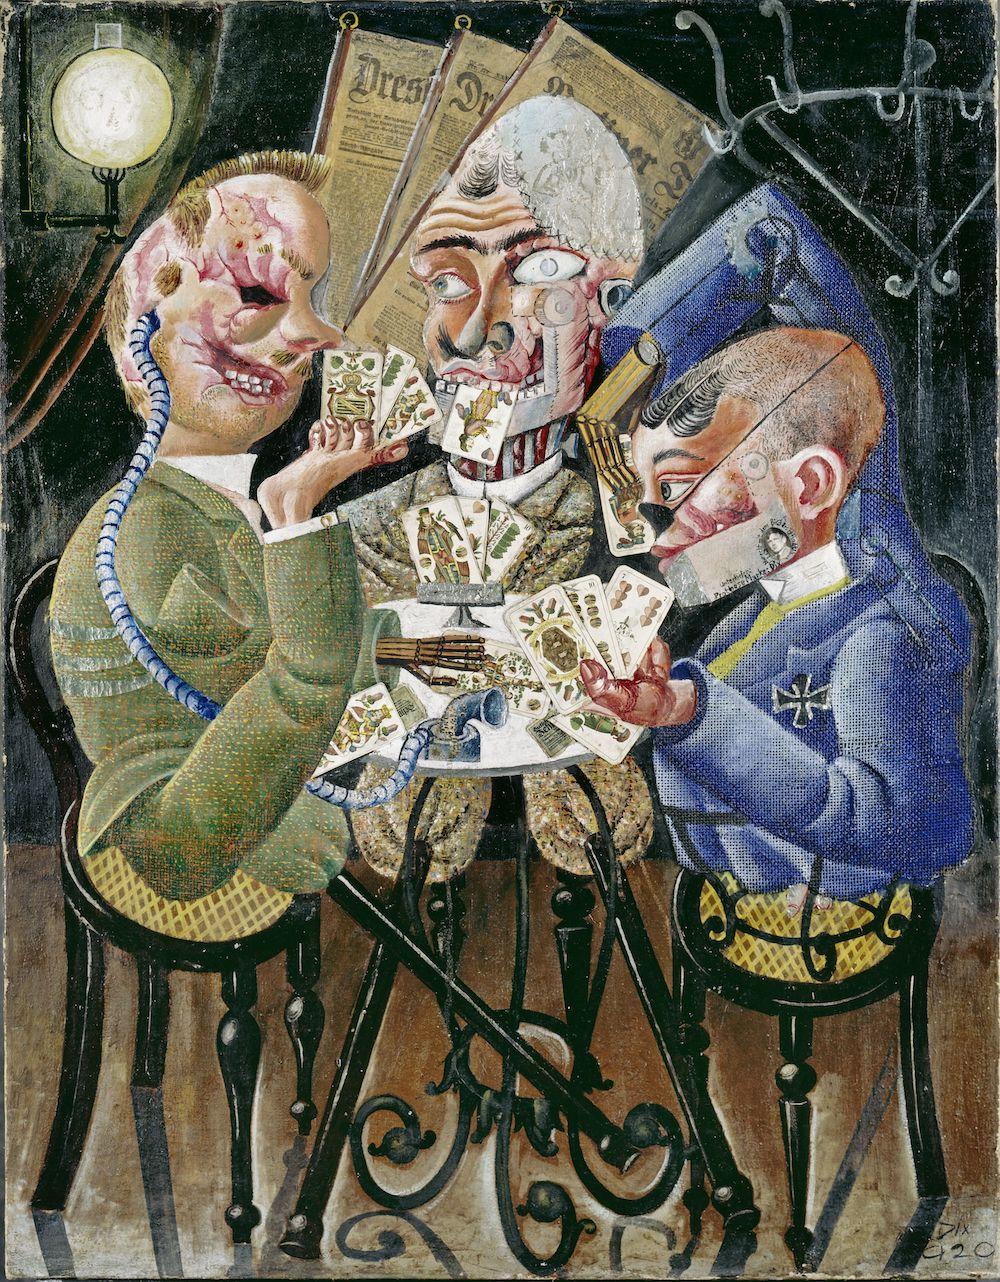 Otto Dix, Die Skatspieler (Skat Players), 1920, oil on canvas, 110 x 34 1/2